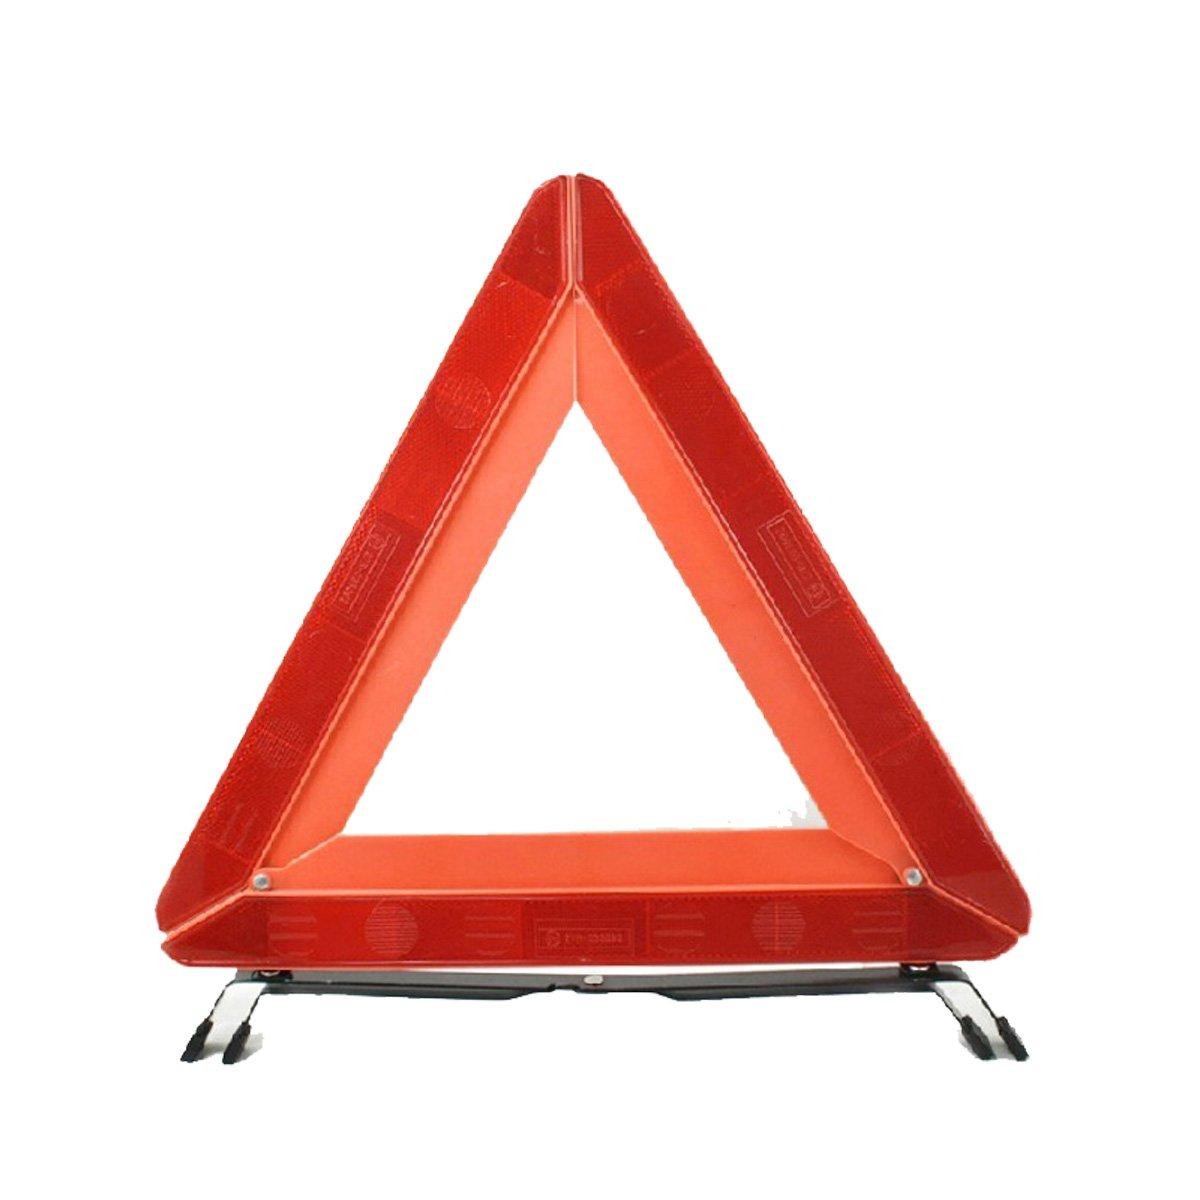 卡美特 汽车三角架 年检必备强反光 三角警示架 警示牌 警告架